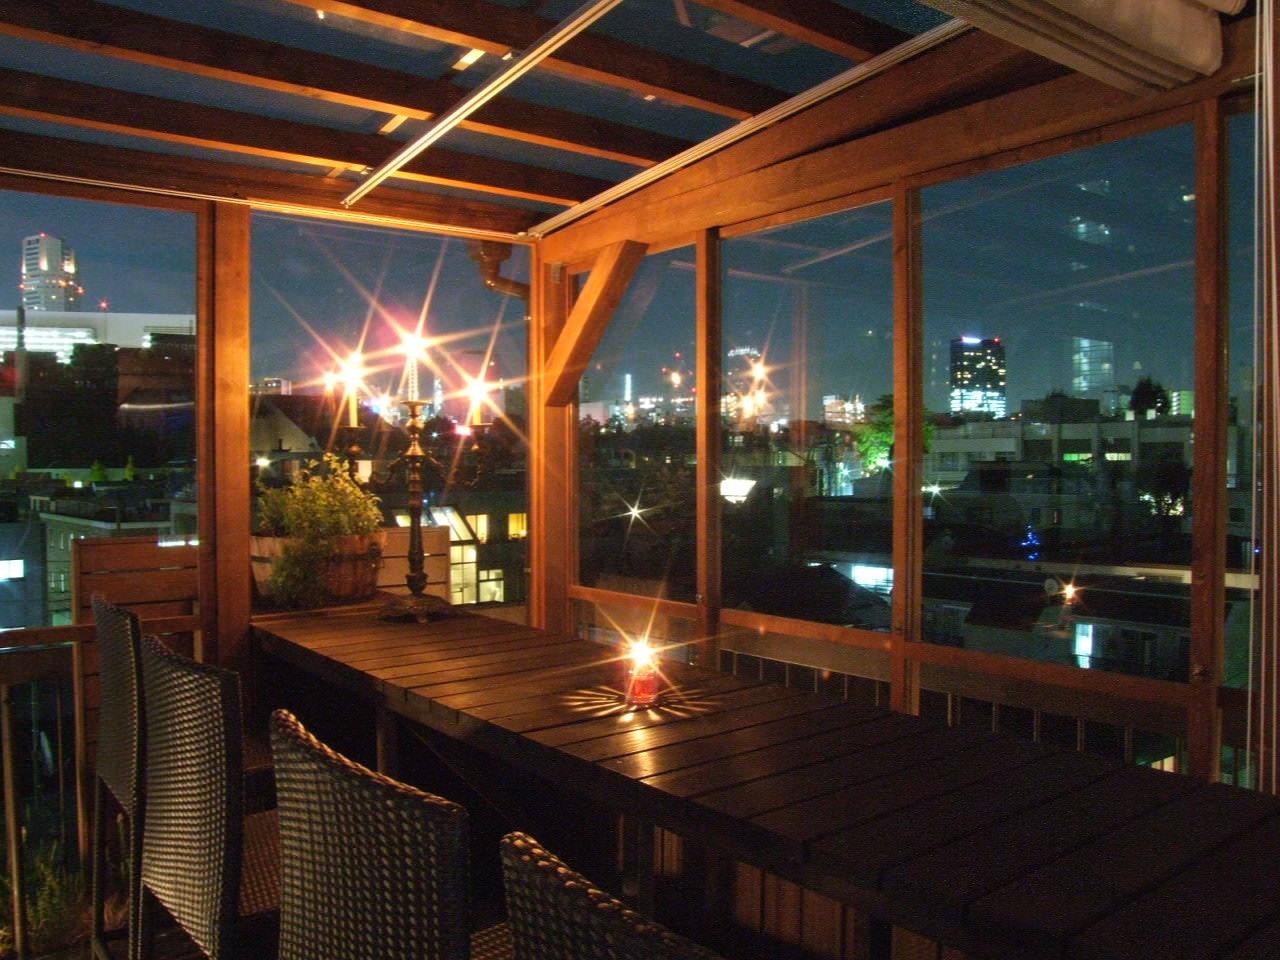 top terrace 2031(トップテラスニーゼロサンイチ)